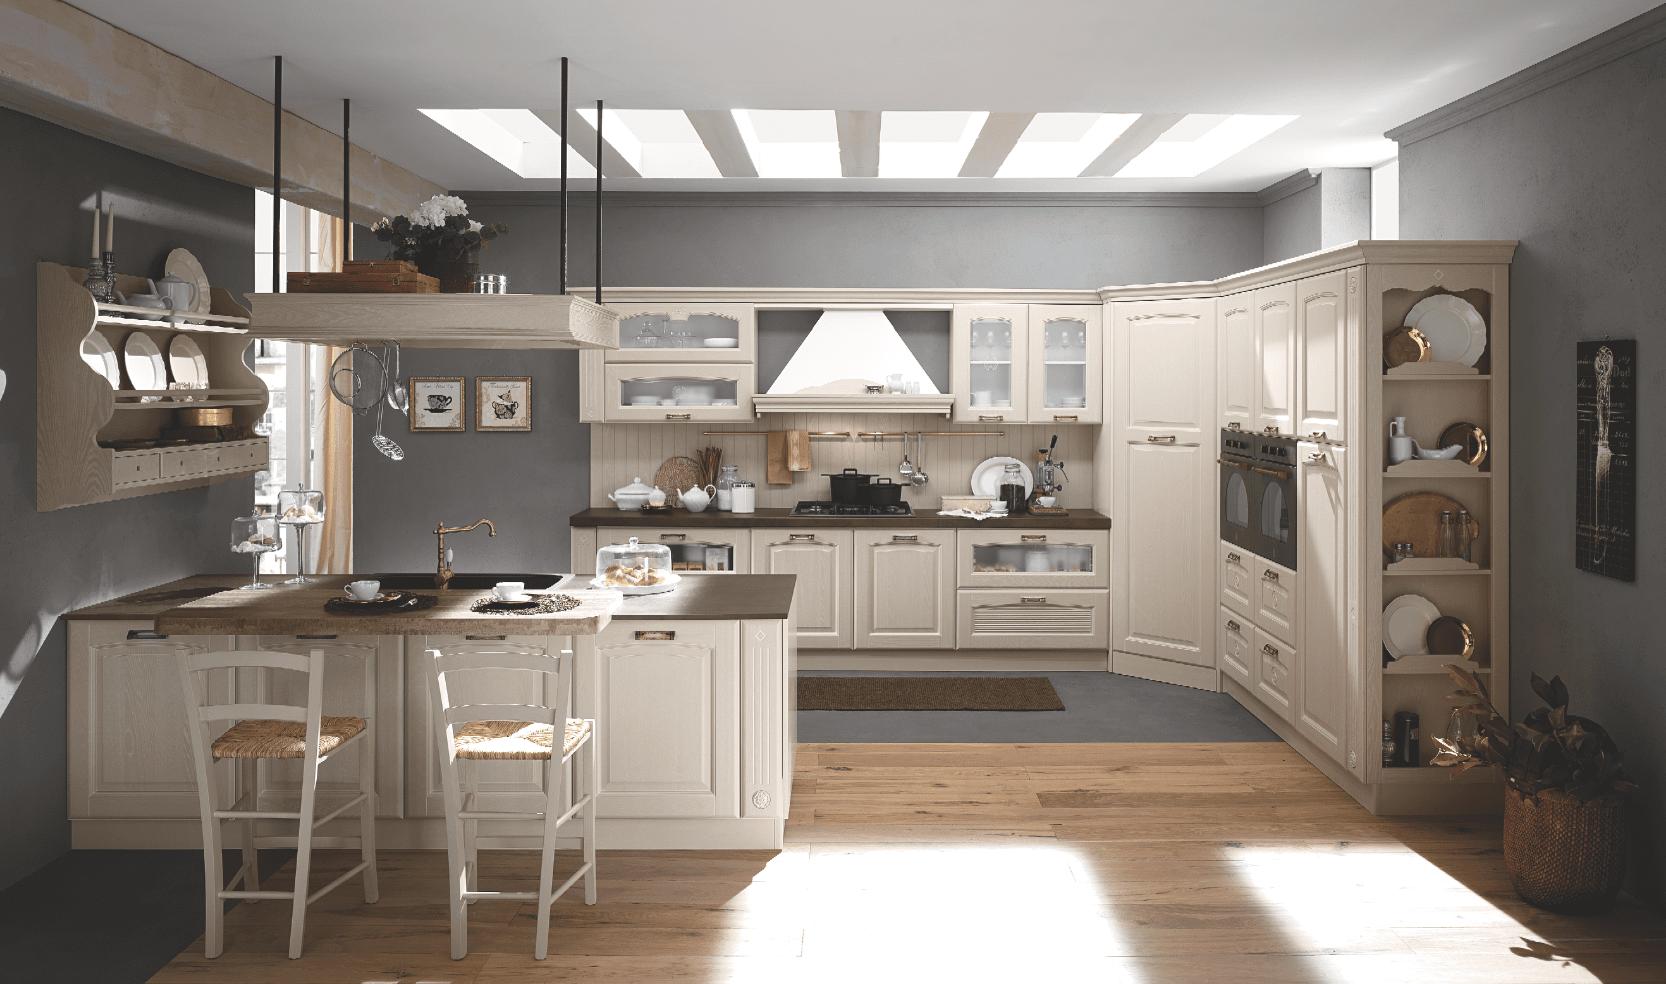 Cucina classica o moderna: la funzionalità dipende dall'attrezzatura - Cose di Casa